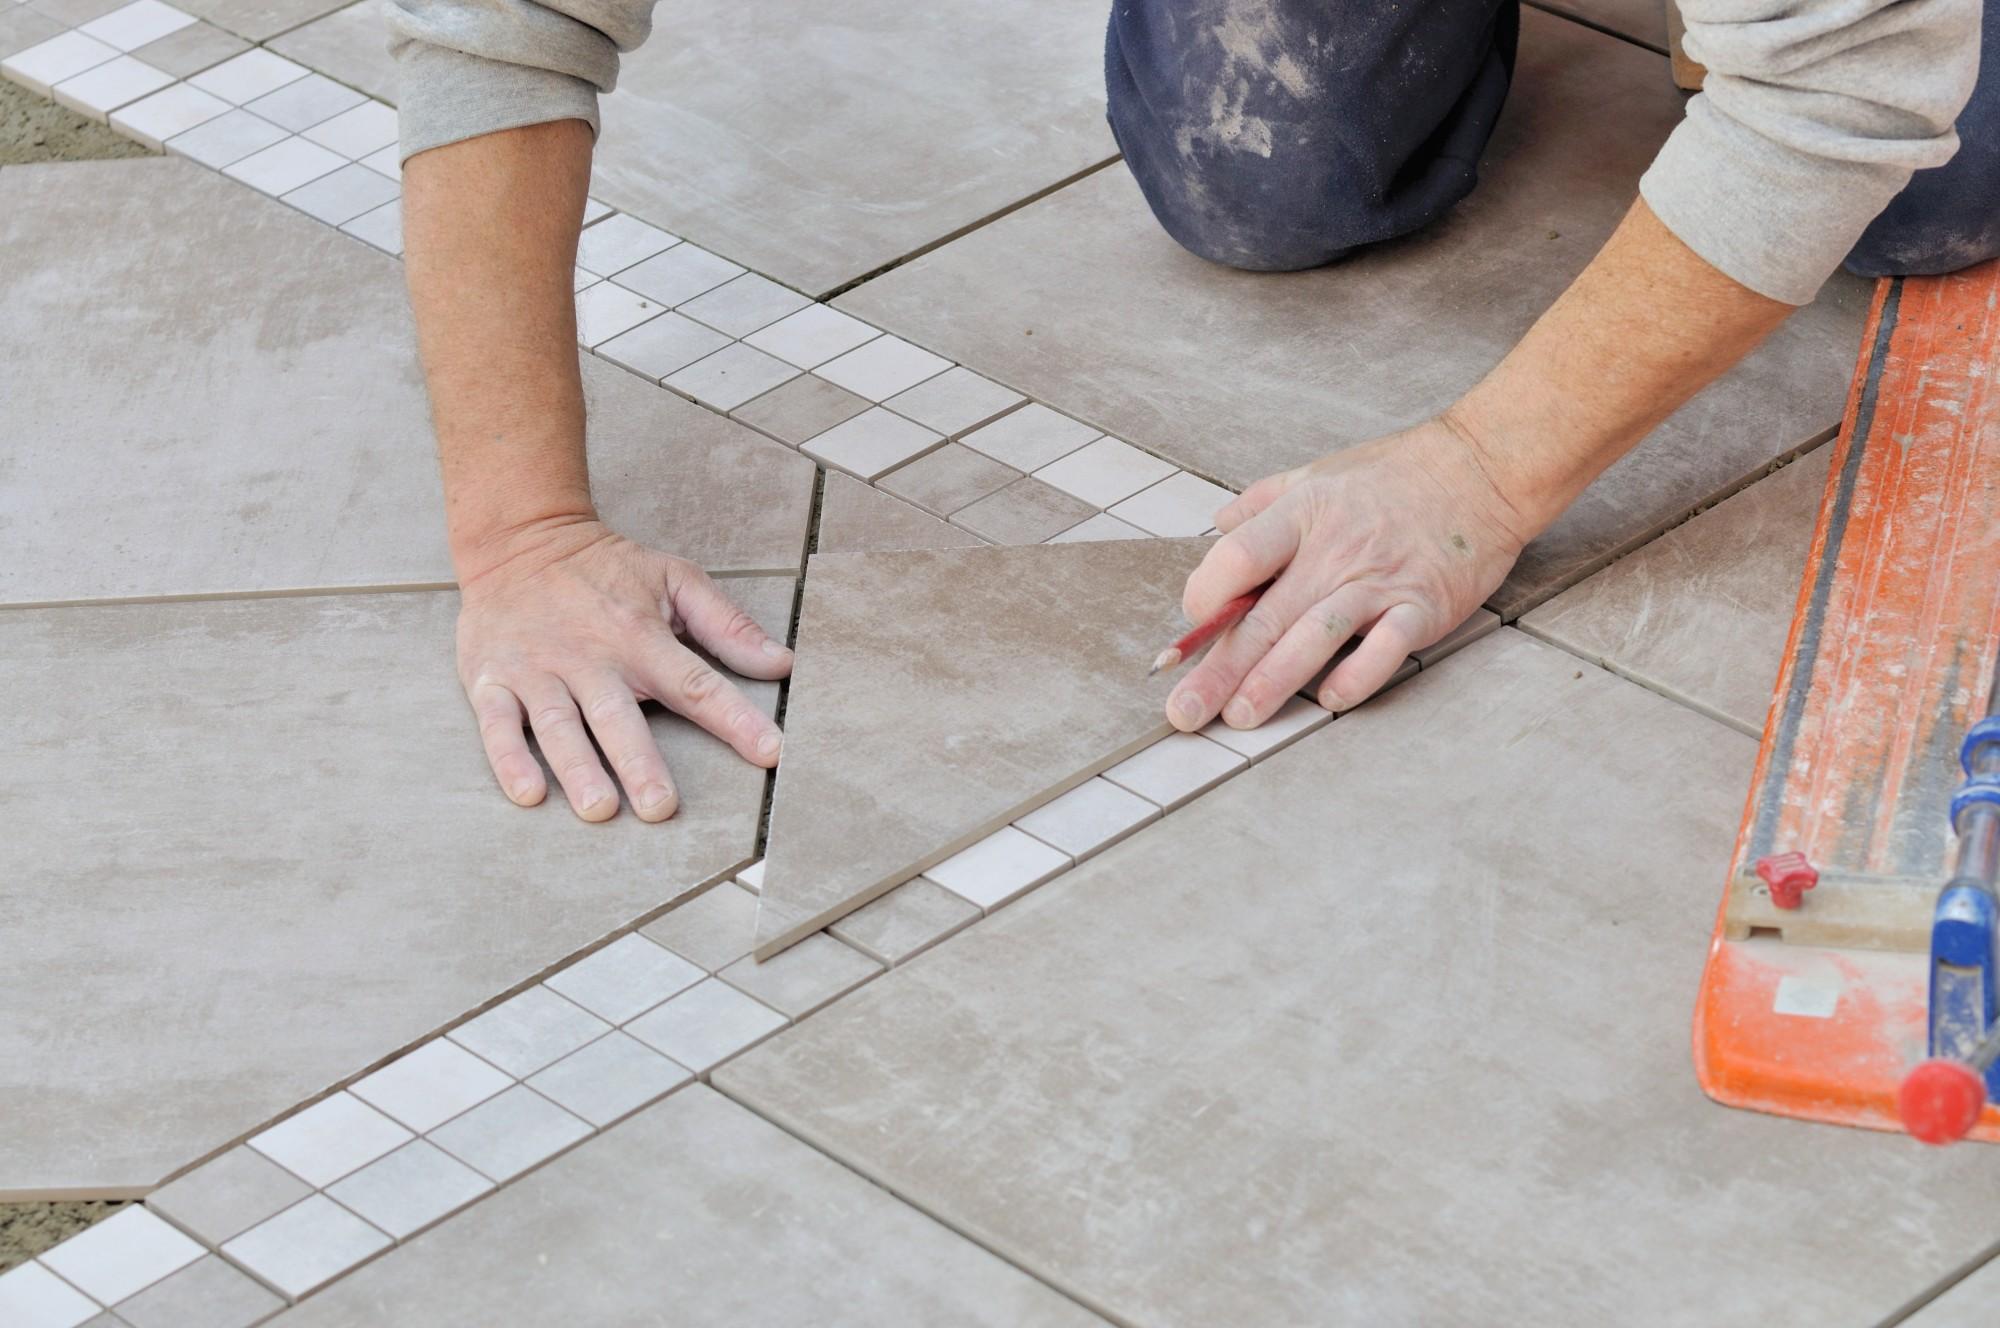 how do you keep porcelain tiles shiny